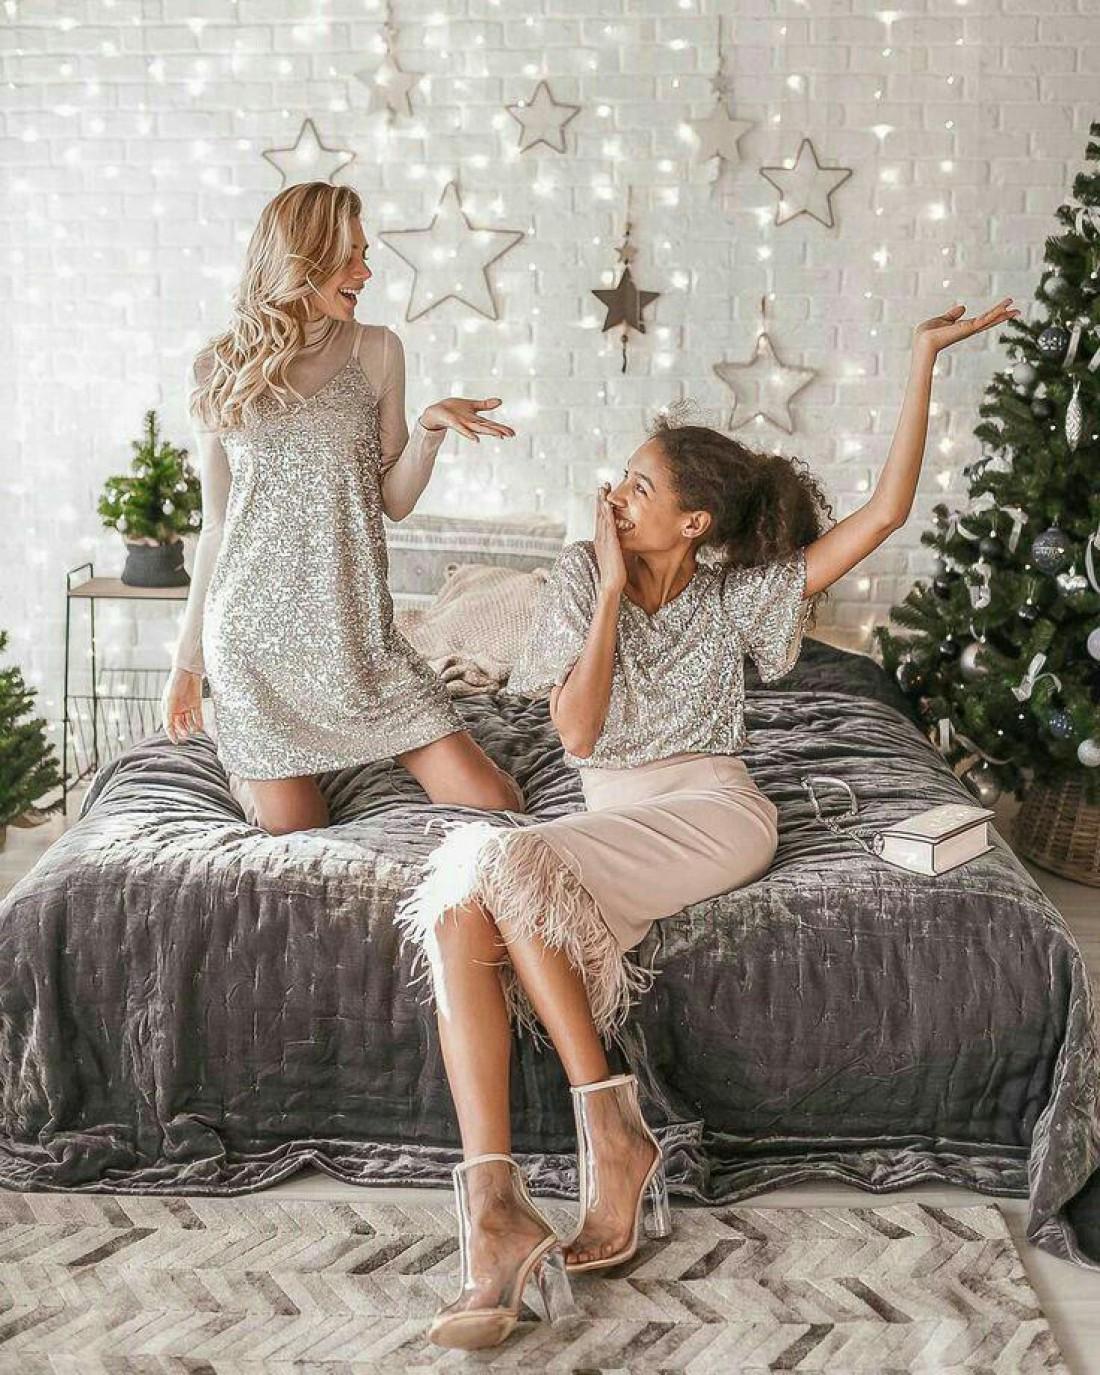 ТОП-5 вещей, которые нужно успеть сделать до Нового года